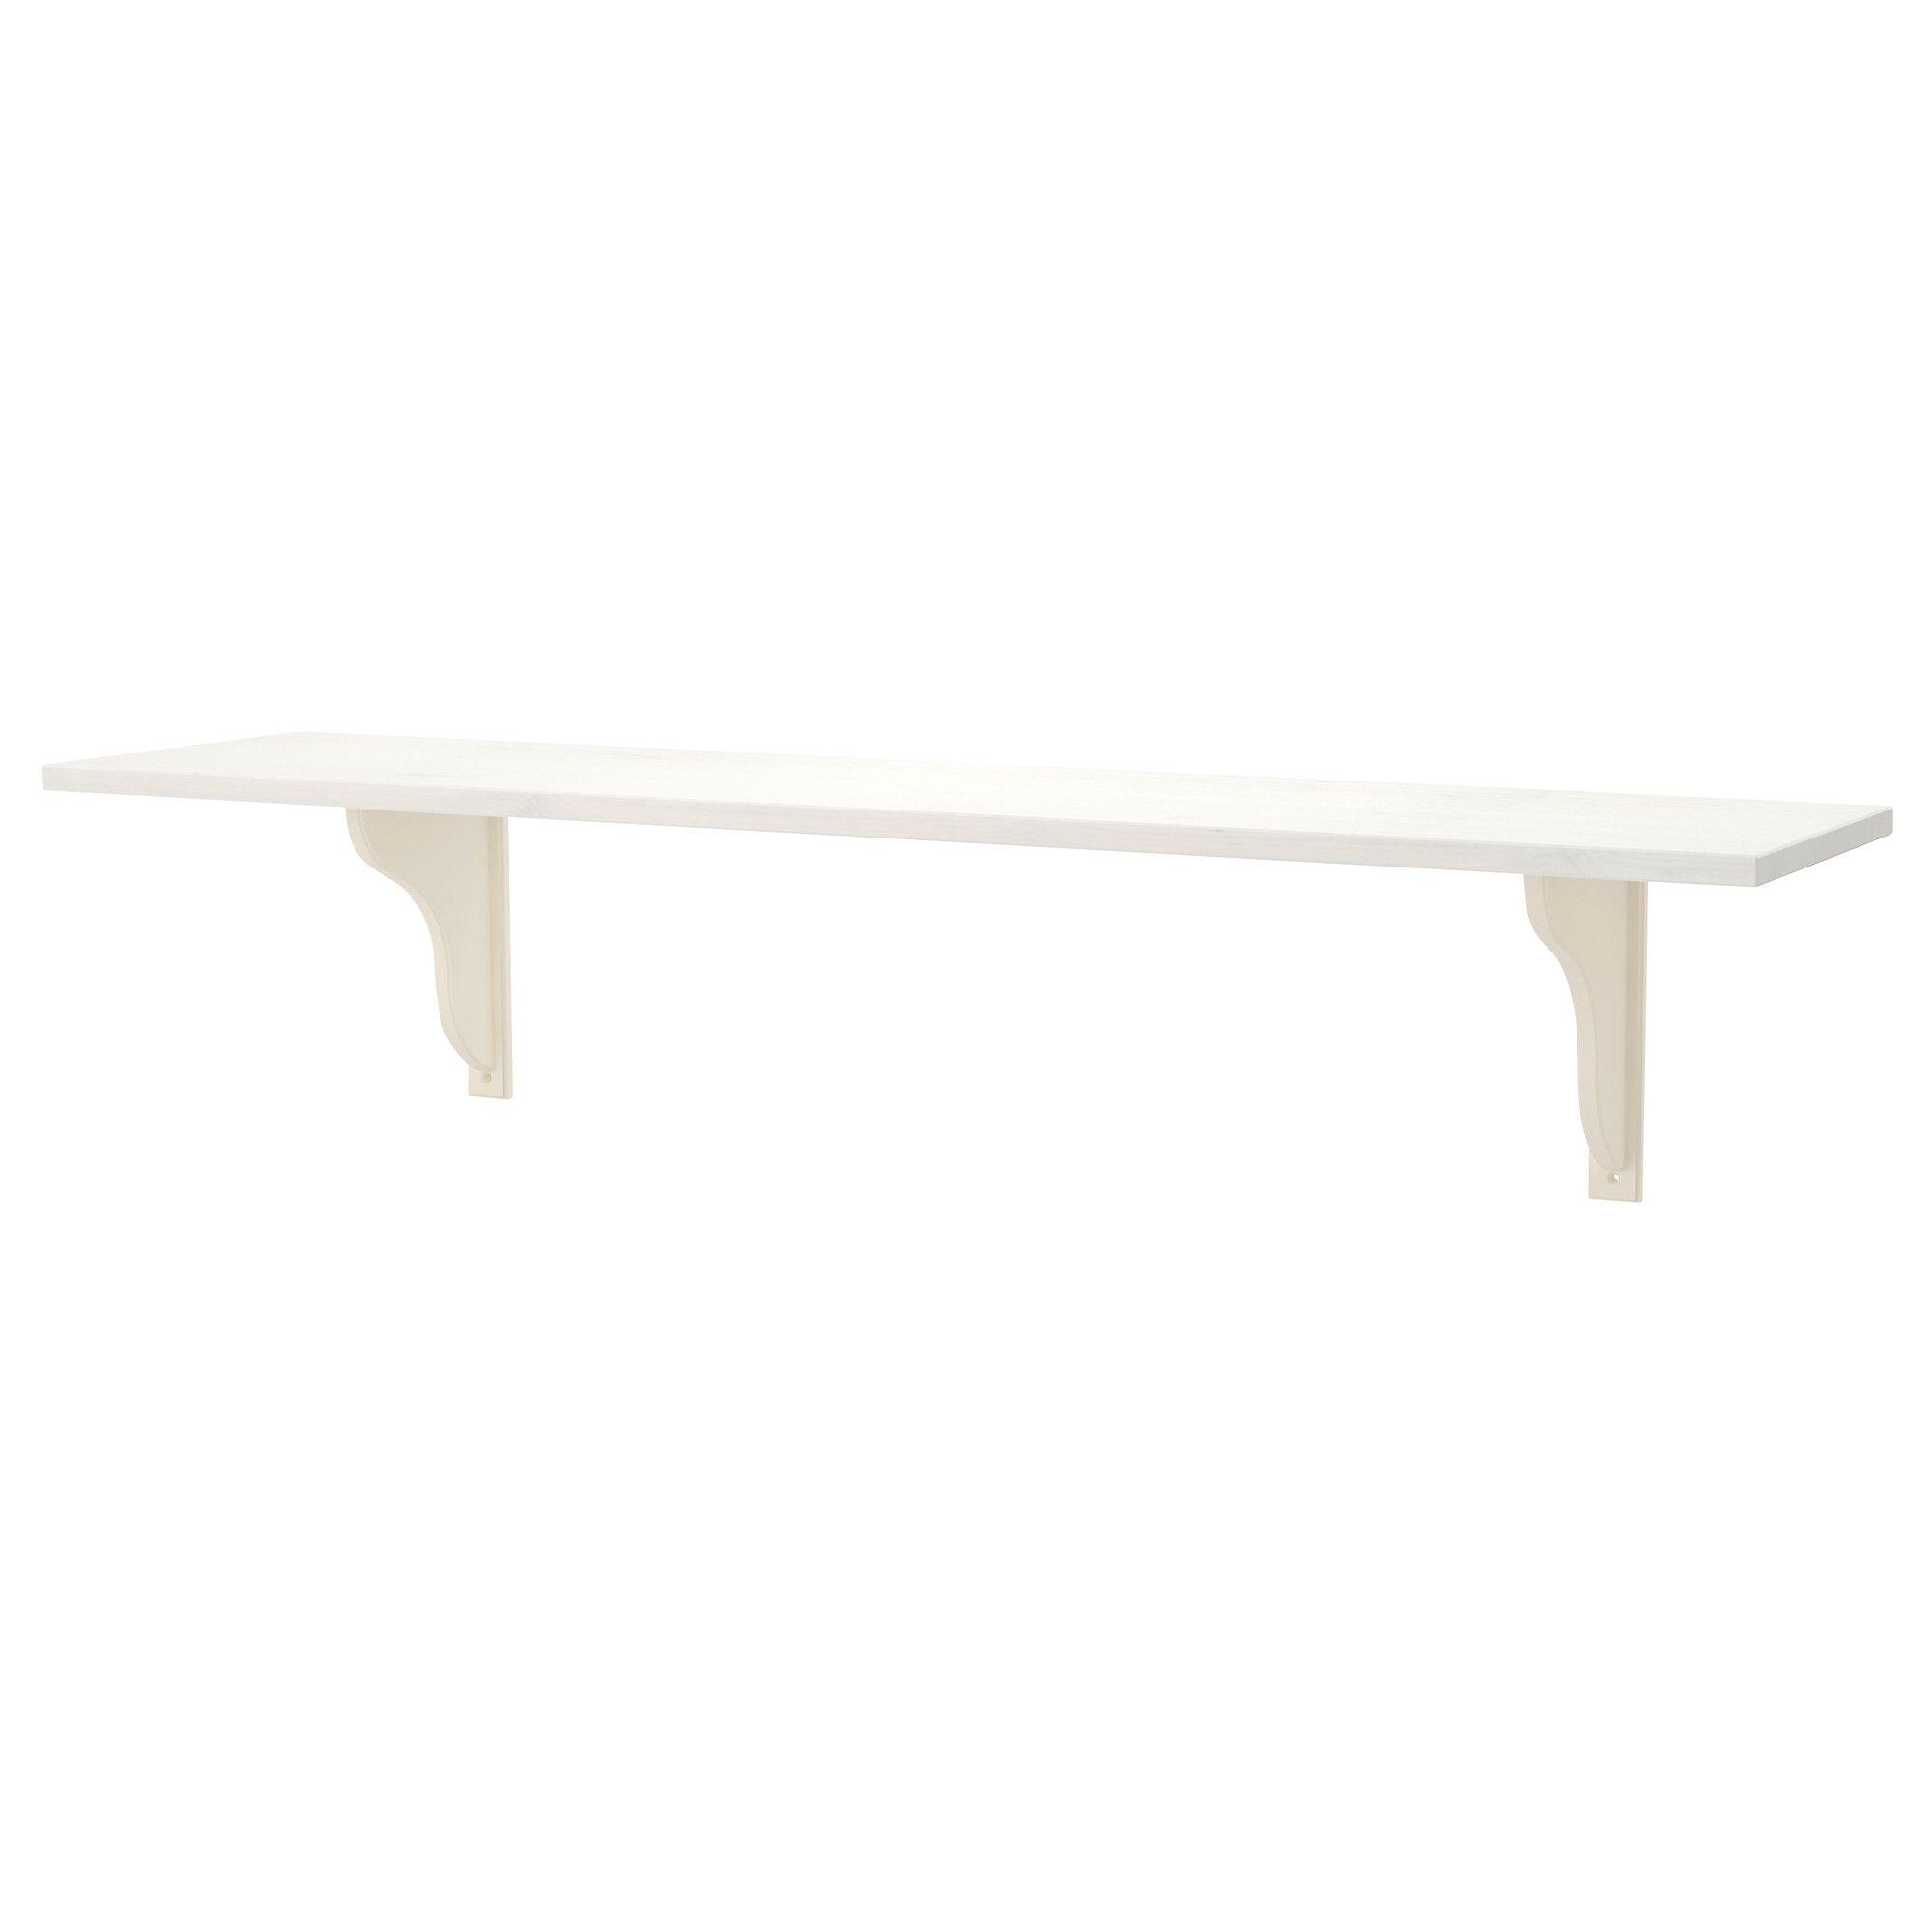 Ikea Shelves Hemnes Daybed In A Boys Bedroom: EKBY HEMNES / EKBY HENSVIK Wall Shelf, White White Stain